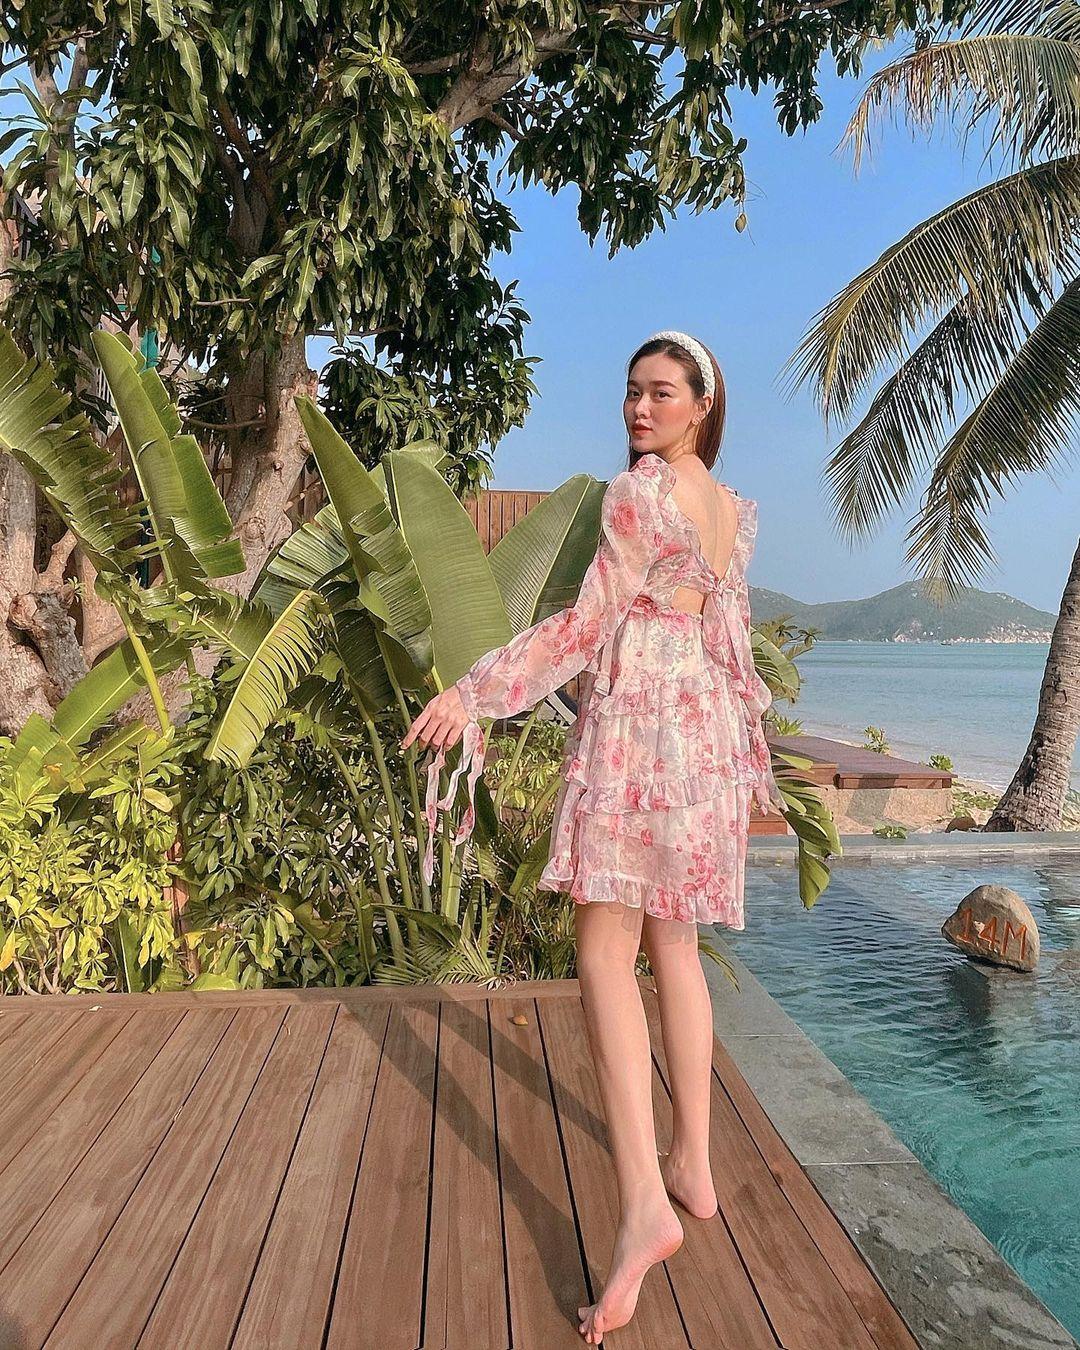 Đồ local brand sao Việt vừa diện: Toàn món rẻ đẹp chỉ từ 260k, bất ngờ nhất là váy sexy giá chưa đến 400k của Lan Ngọc - Ảnh 8.